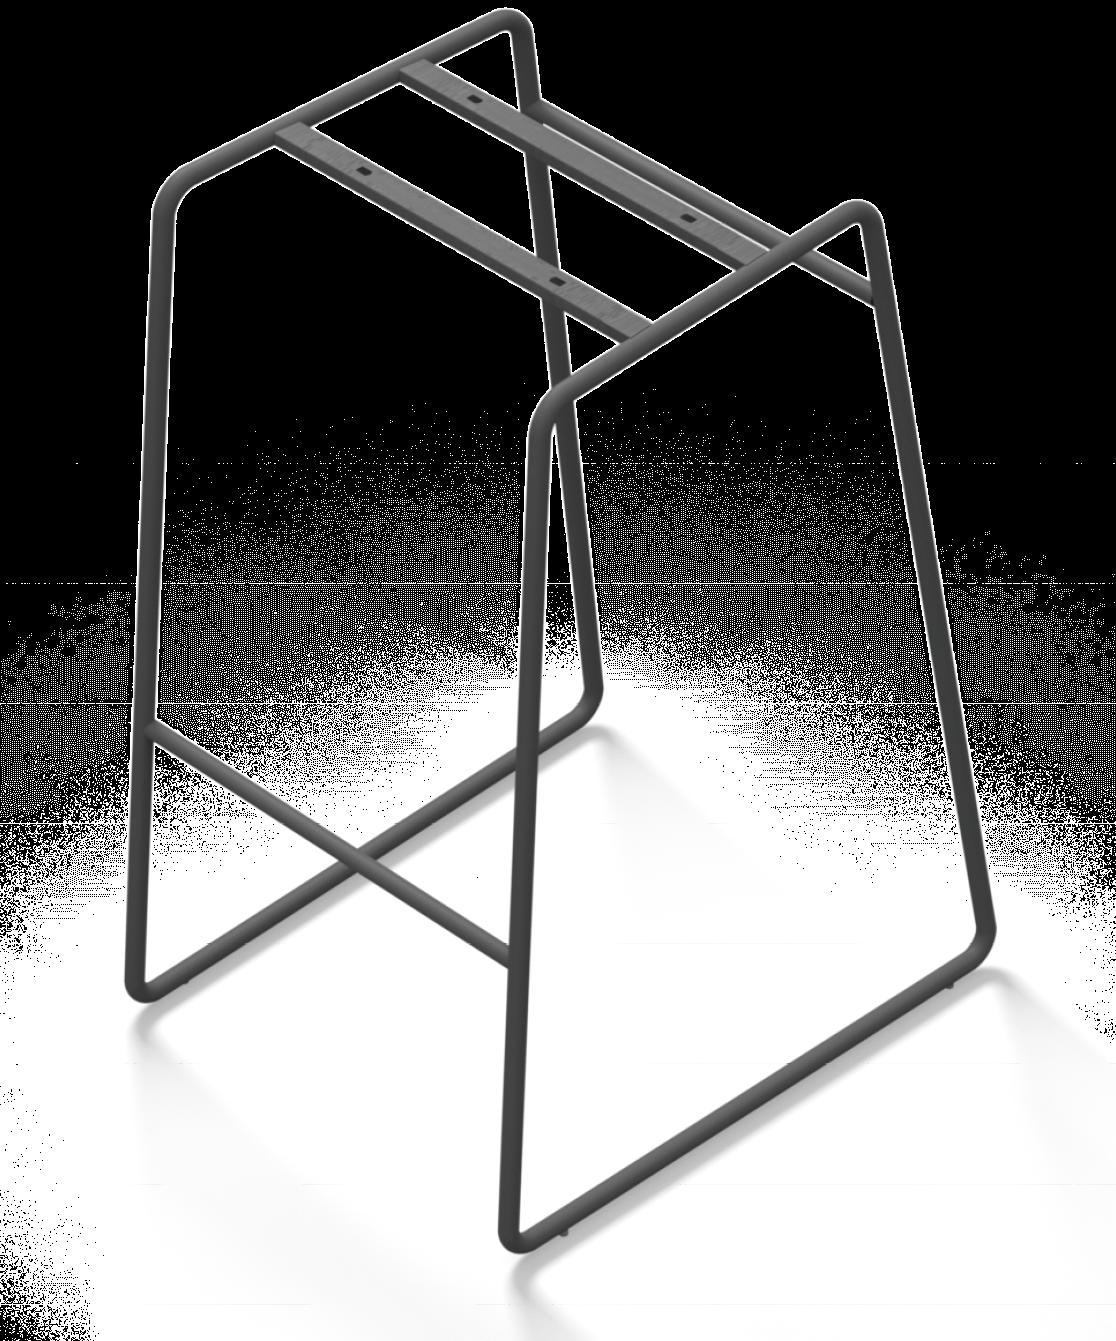 Sitzgestell Kufengestell